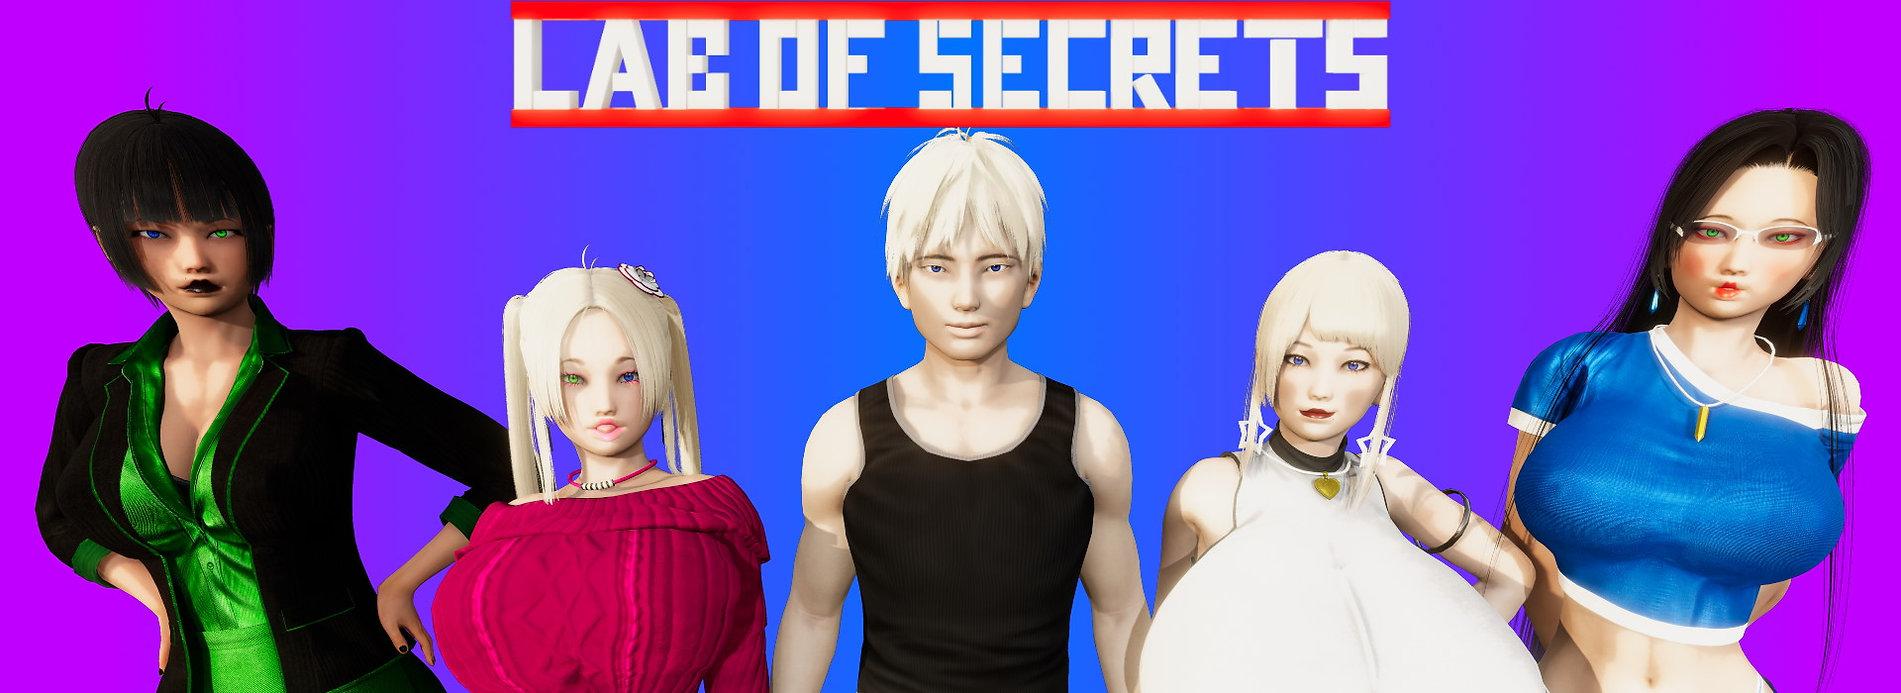 Lab of Secrets Main - Haru's Harem.jpg